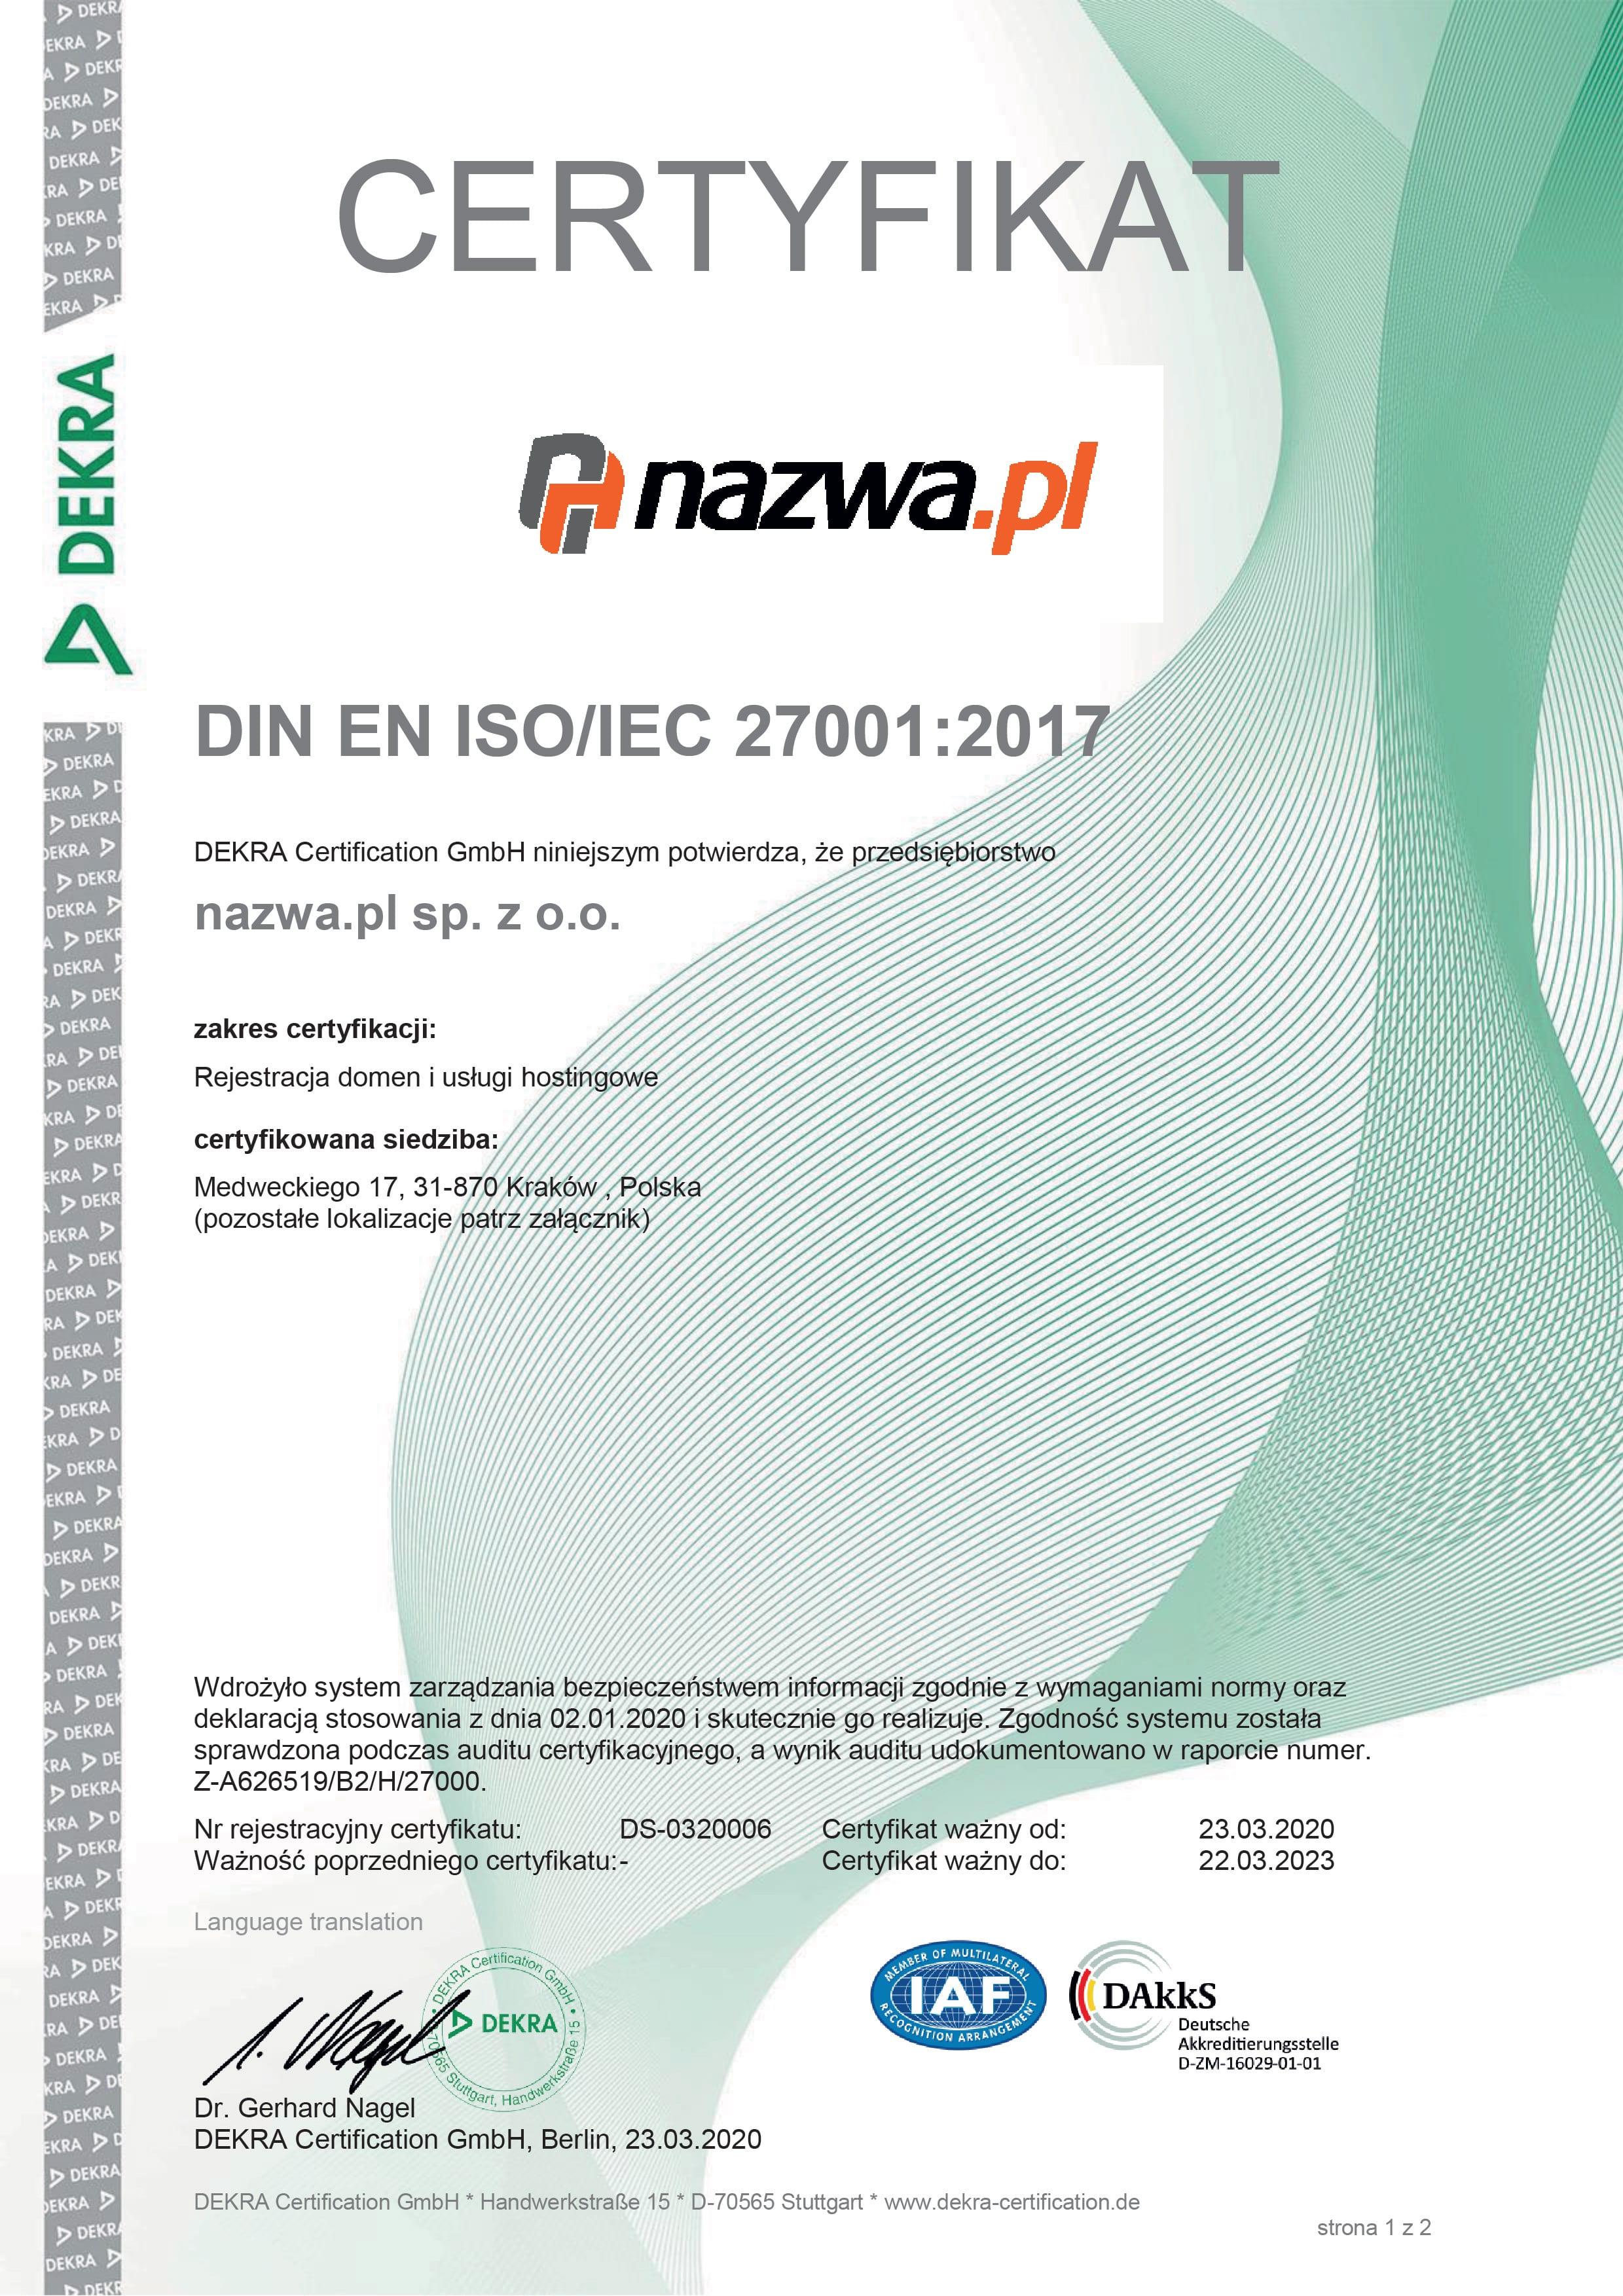 Certyfikat DIN EN ISO/IES 27001:2017 dla nazwa.pl